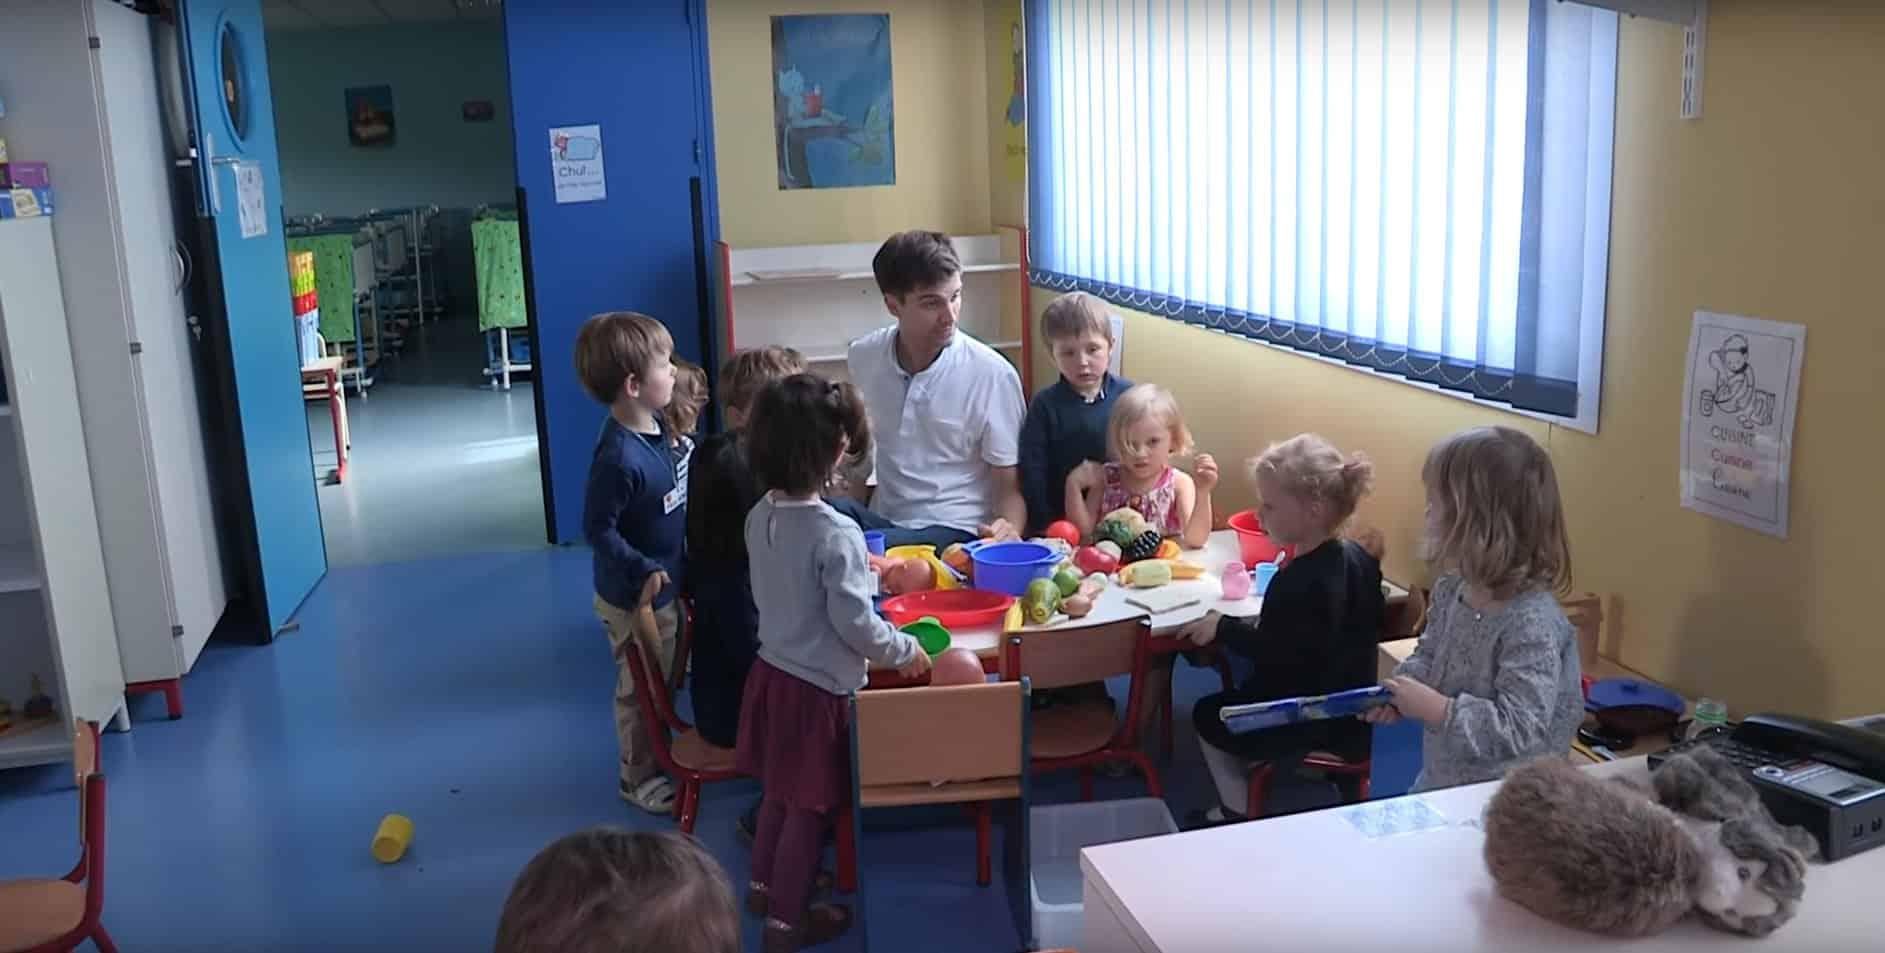 activité jeux en salle de classe